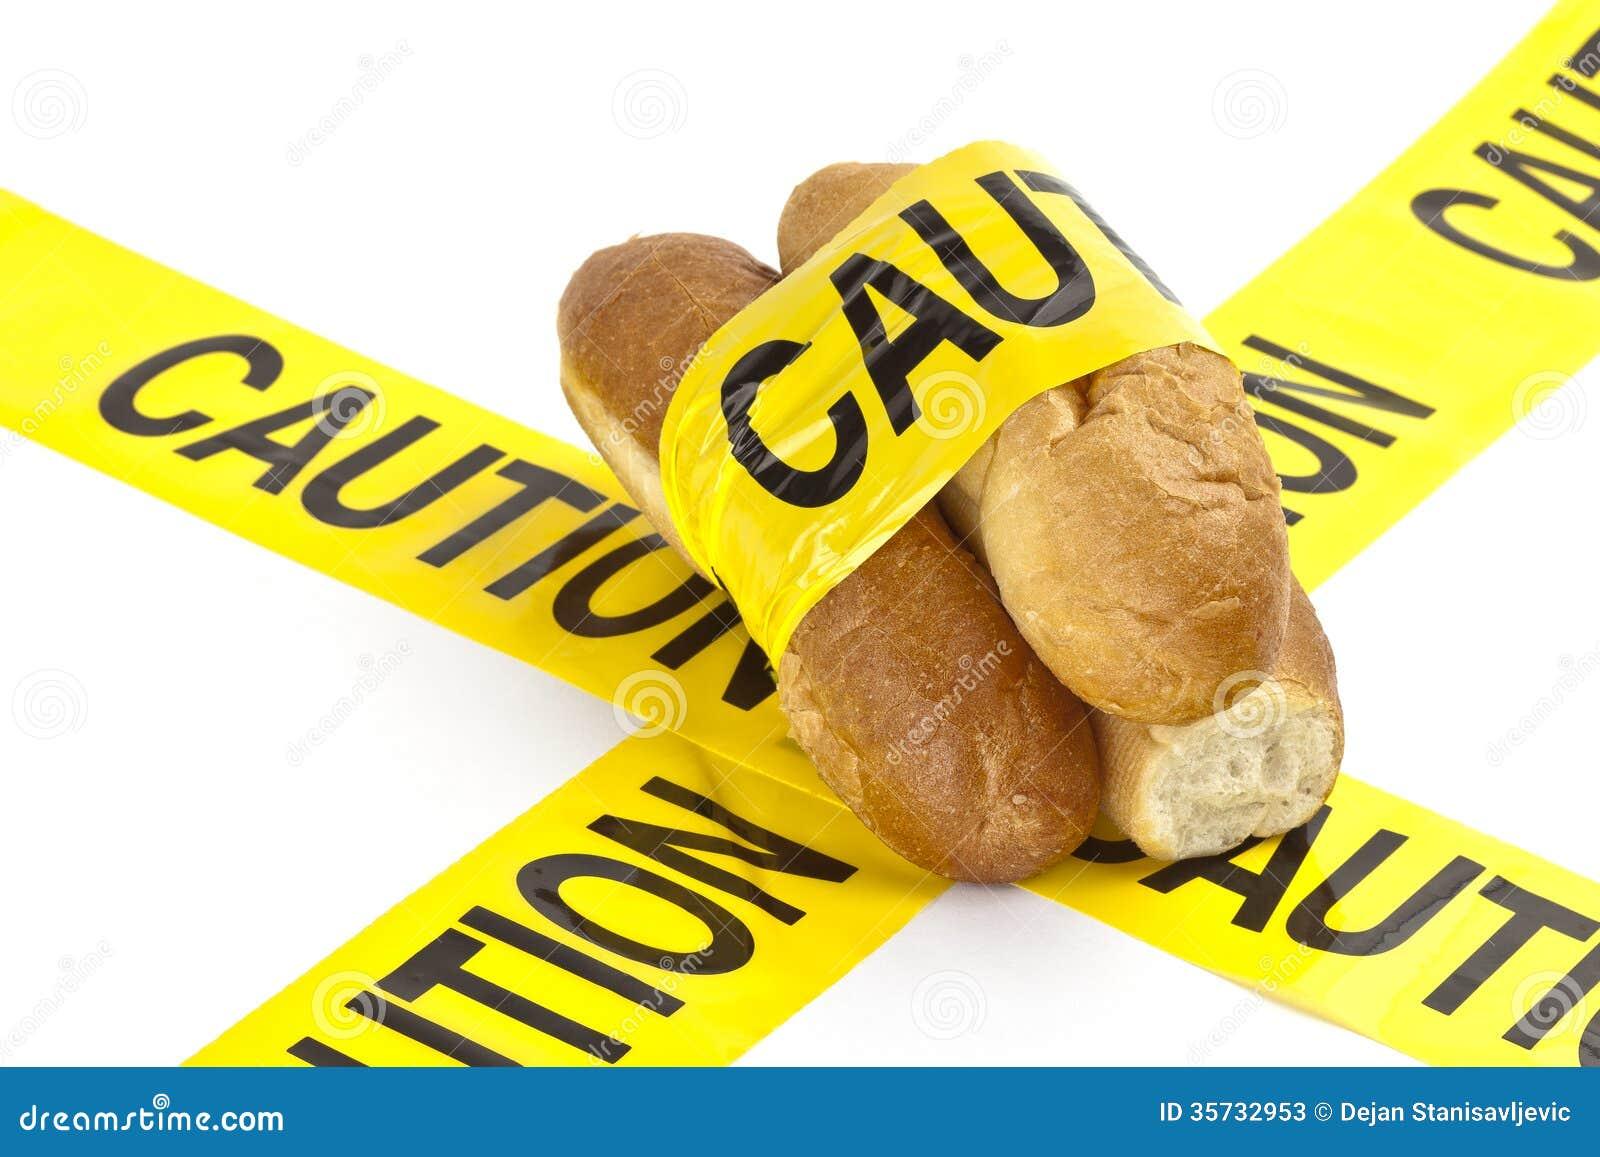 Żywienioniowy ostrzeżenie, gluten lub pszeniczny alergii ostrzeżenie/